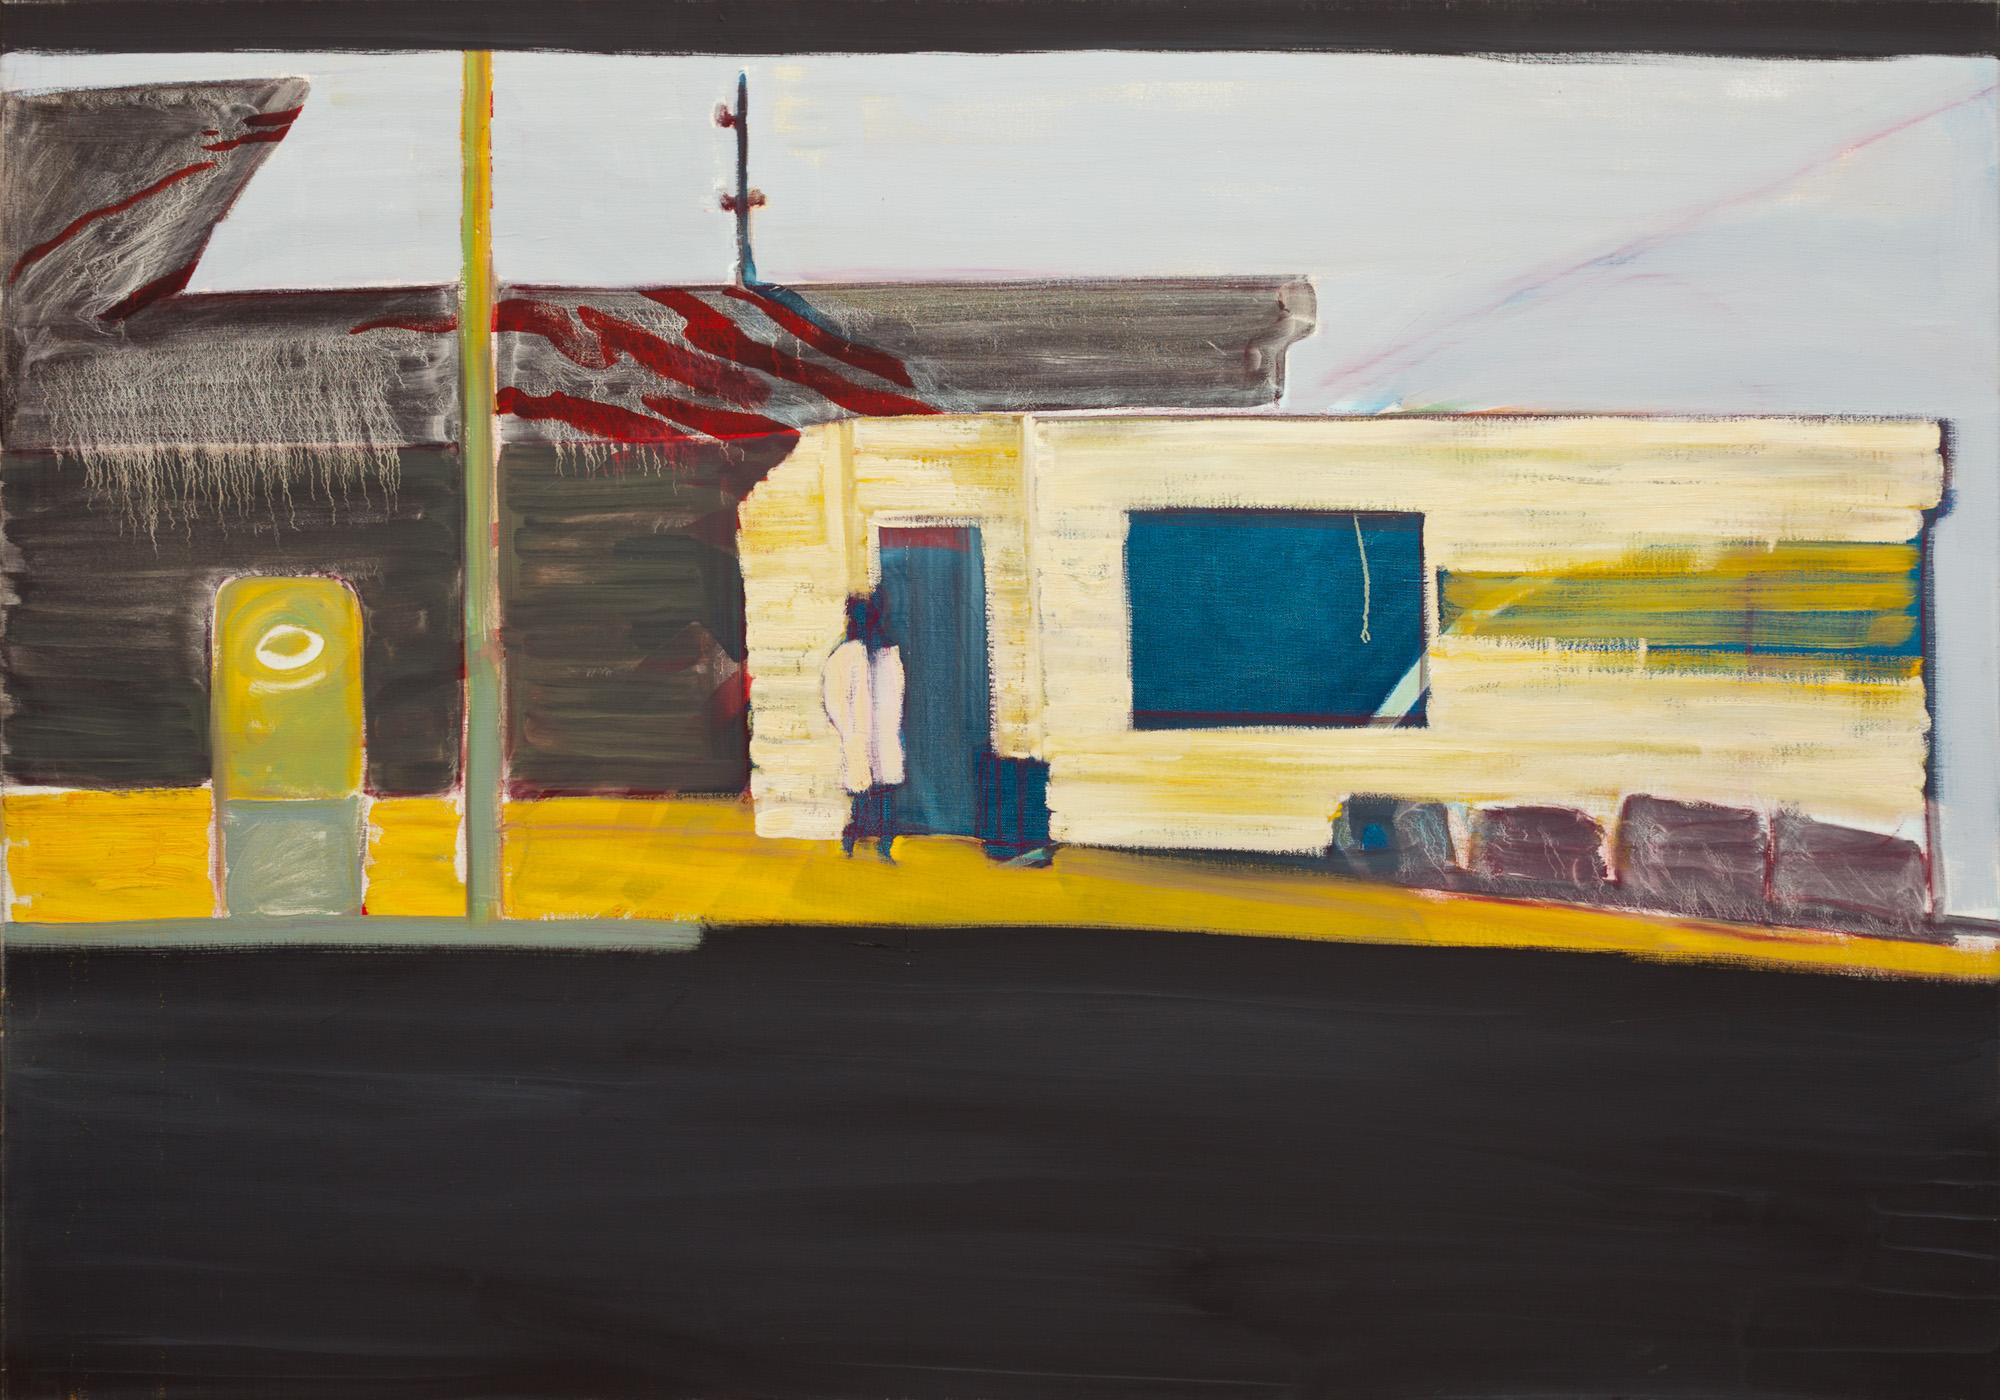 Titel onbekend (LA-03), olieverf op linnen, 200 x 140 cm, Nico Bakker